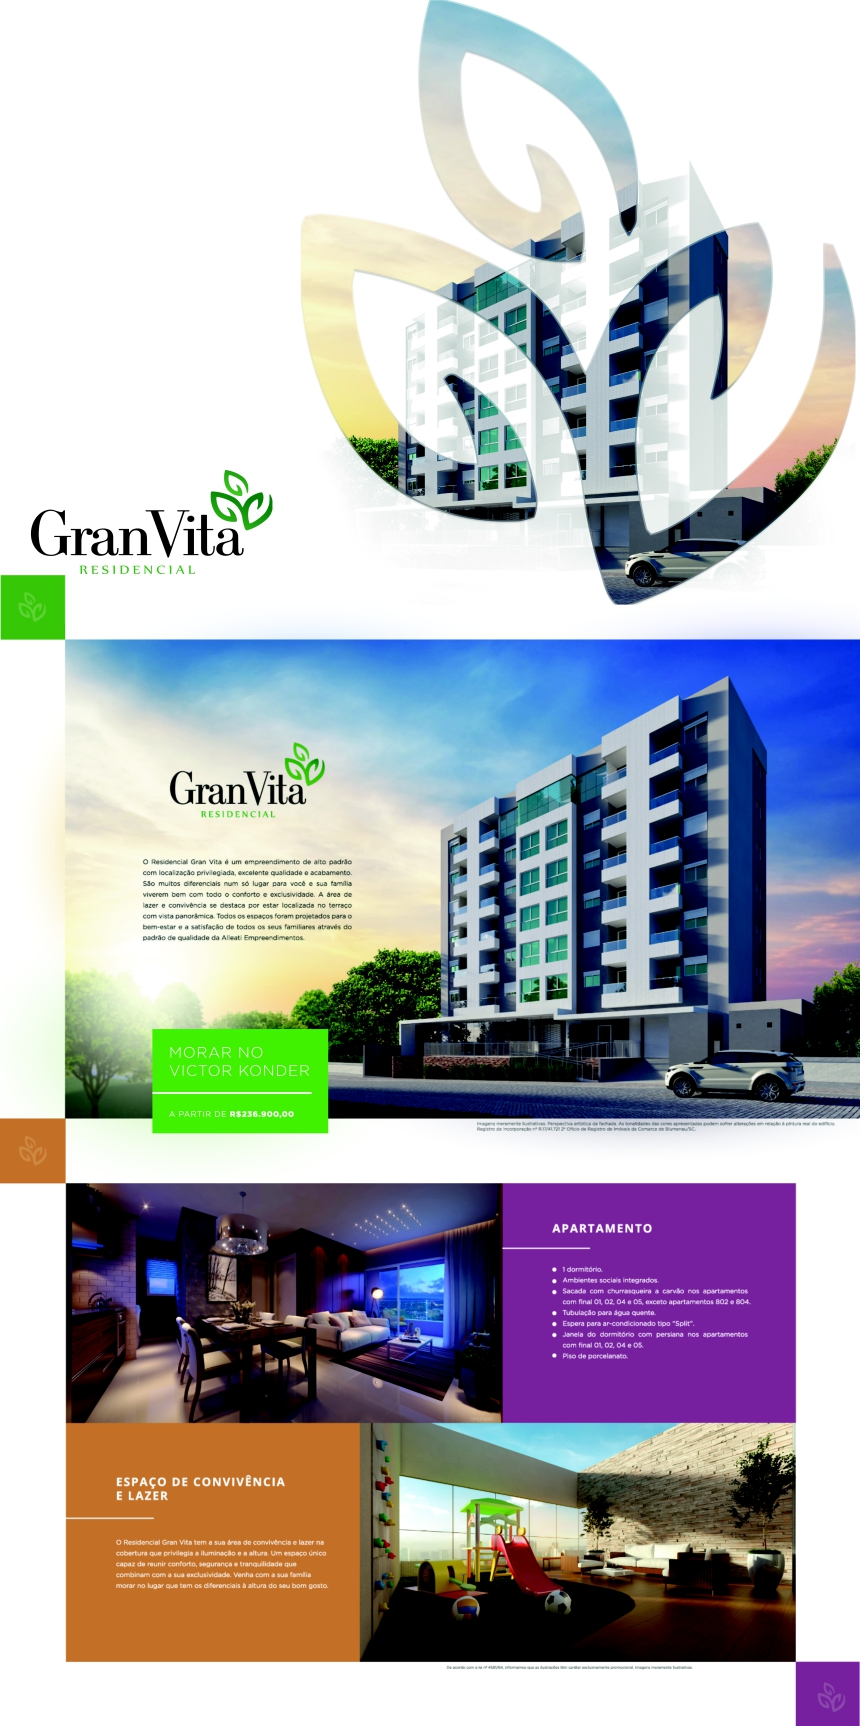 Apresentacao_GrandVita1